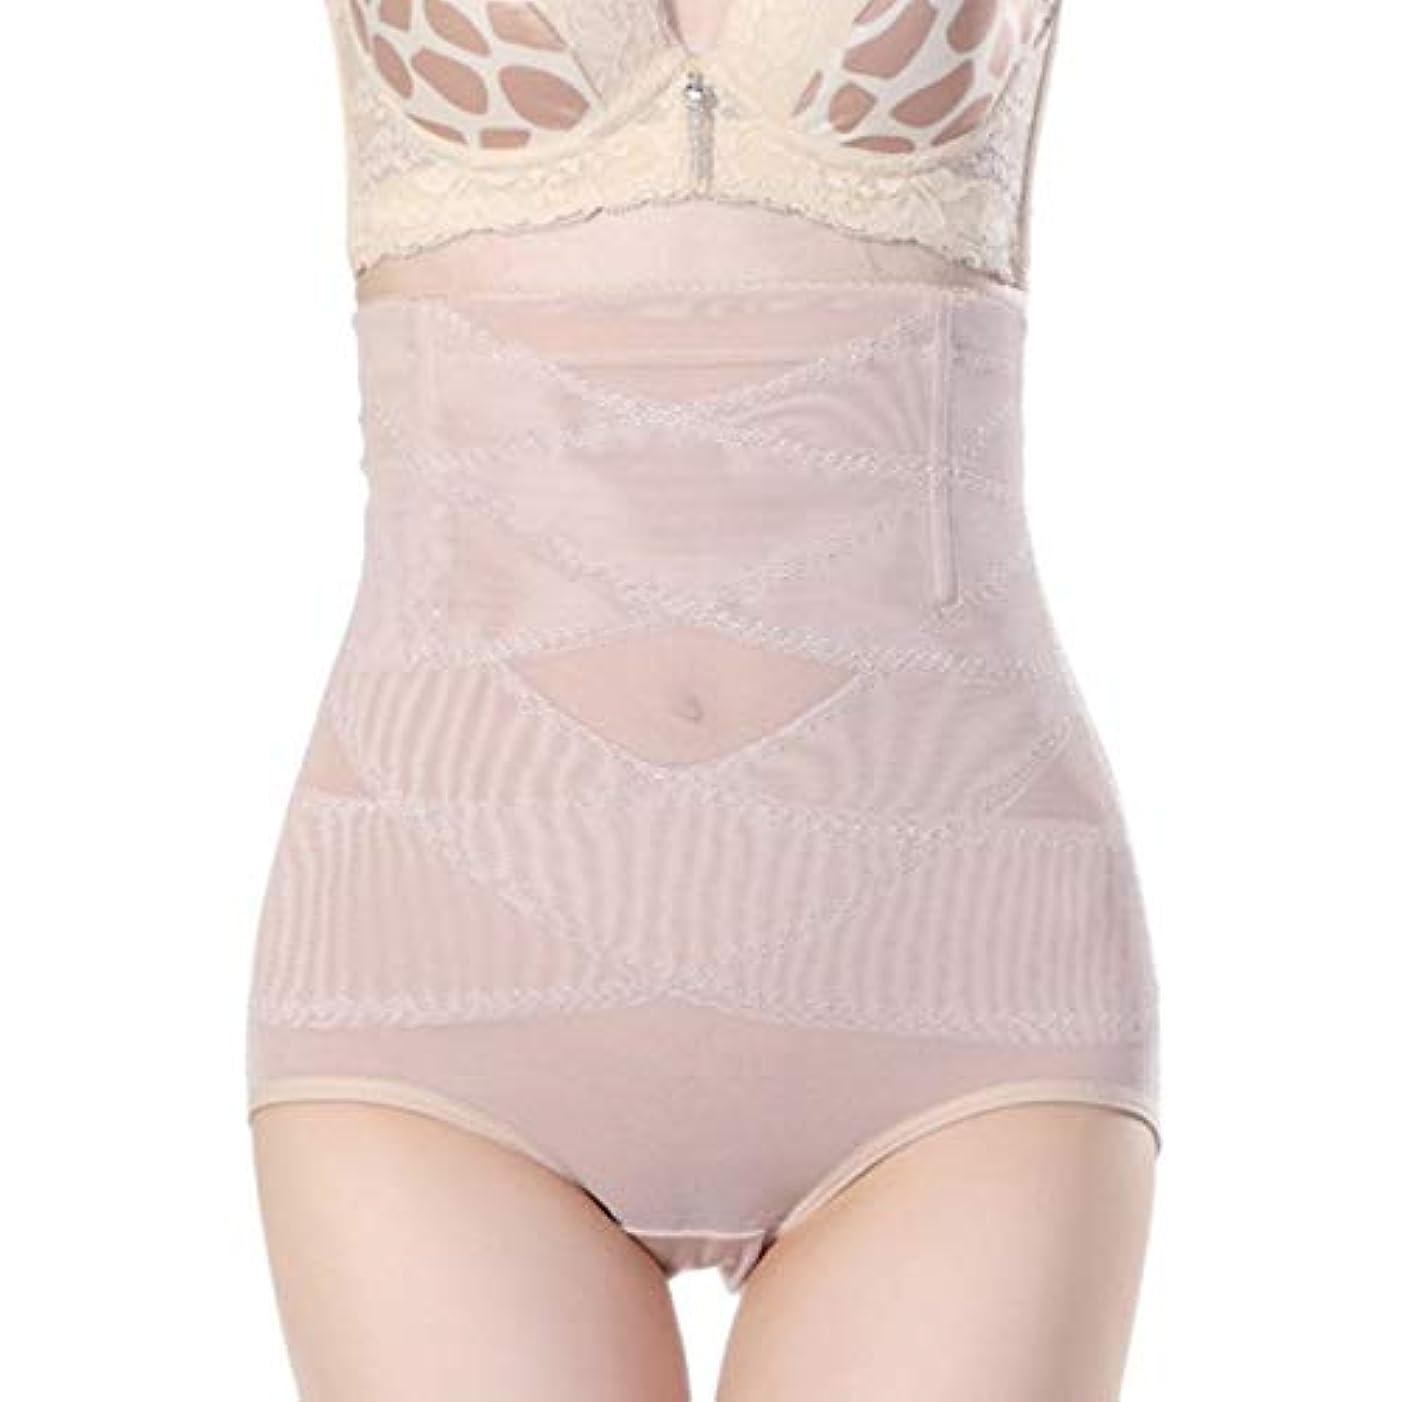 ベーカリーキュービックちらつき腹部制御下着シームレスおなかコントロールパンティーバットリフターボディシェイパーを痩身通気性のハイウエストの女性 - 肌色L